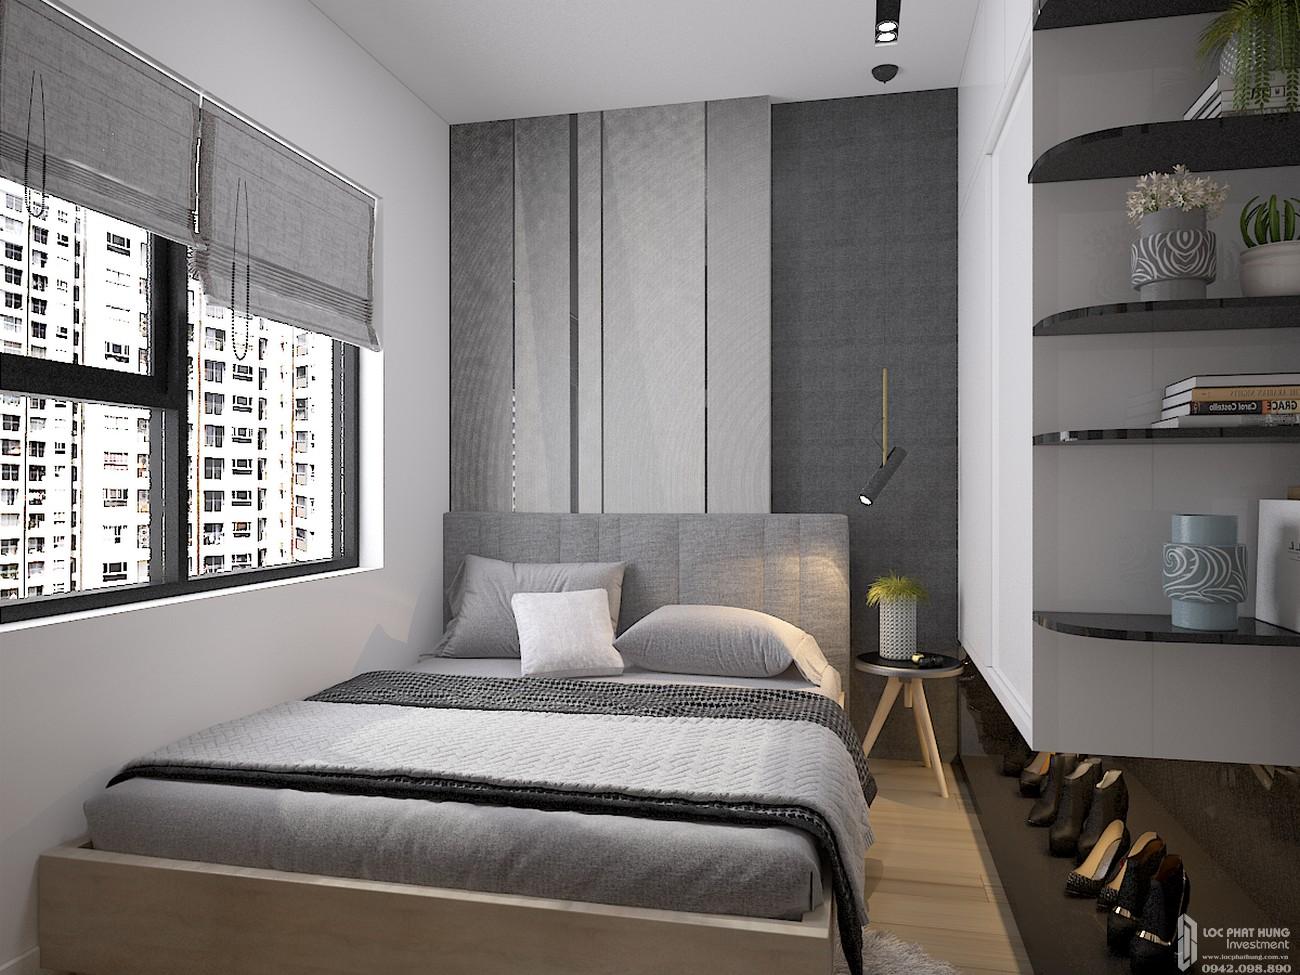 Phòng ngủ căn hộ chung cư Bcons Plaza Dĩ An Đường Thống